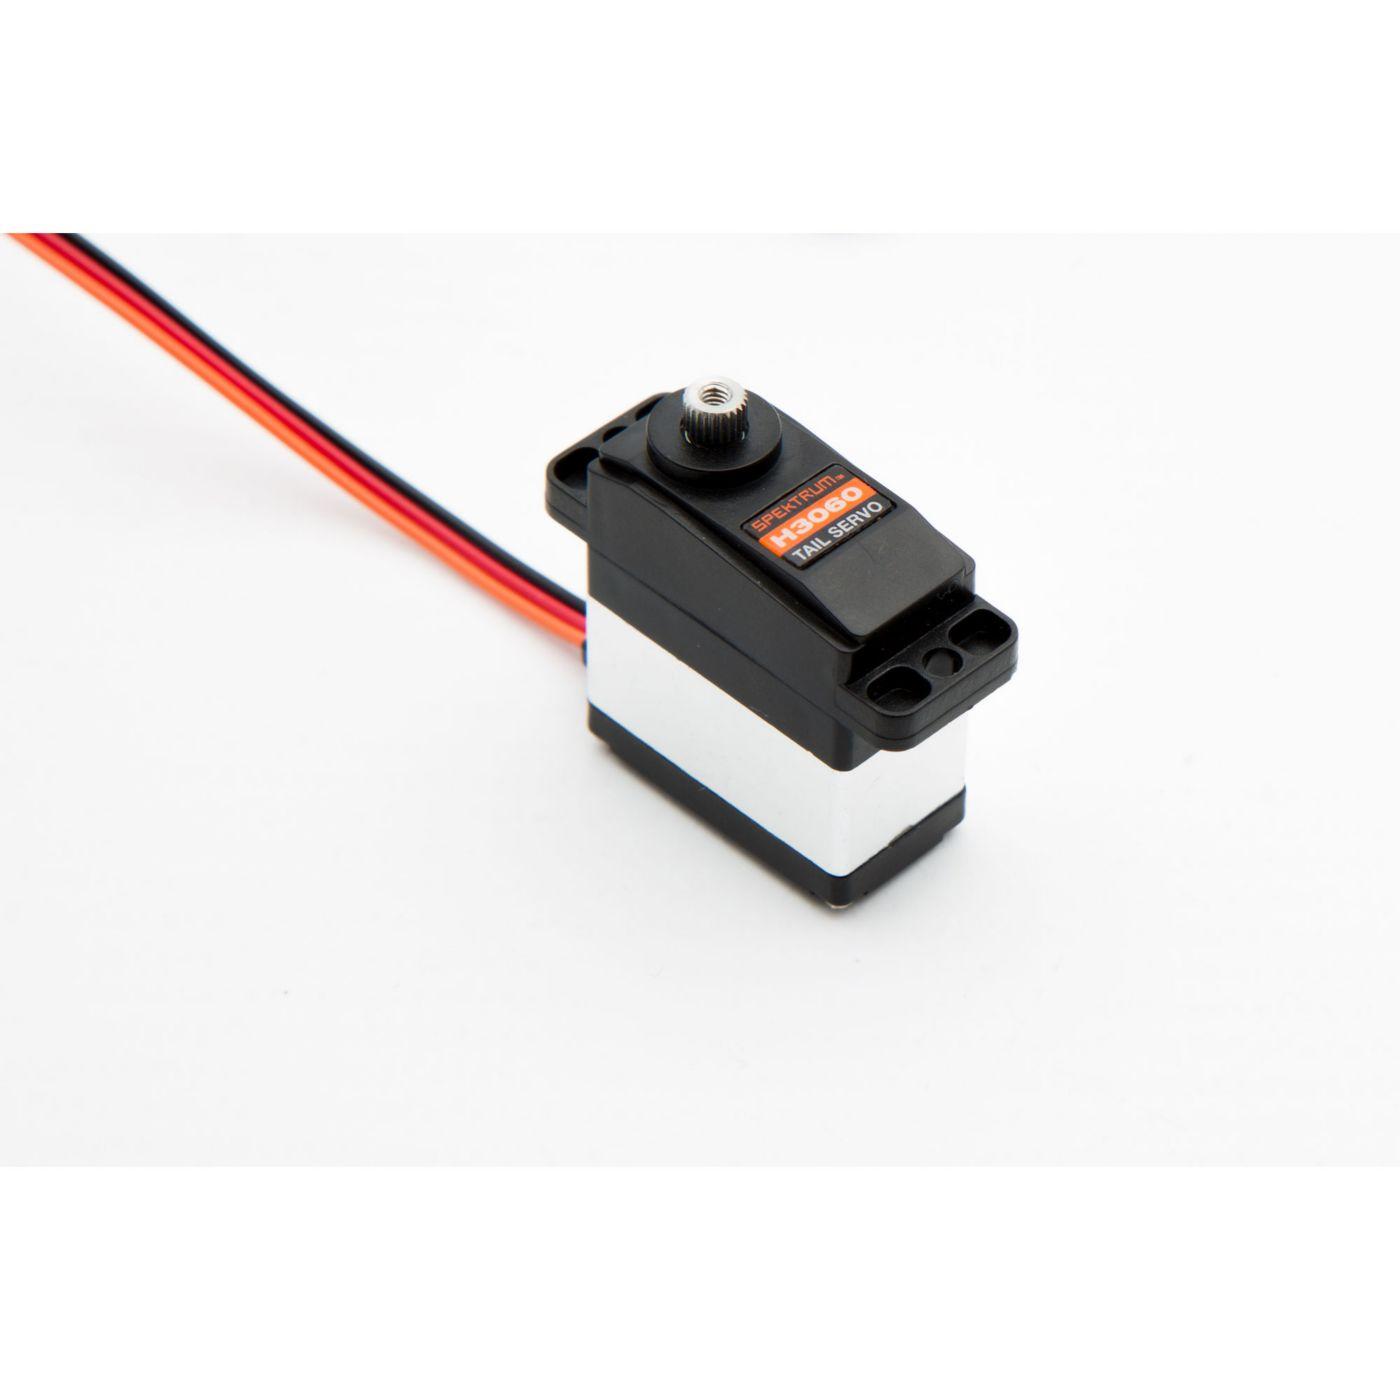 H3060 Sub-Micro Digital Heli Tail MG Servo  (SPMSH3060)